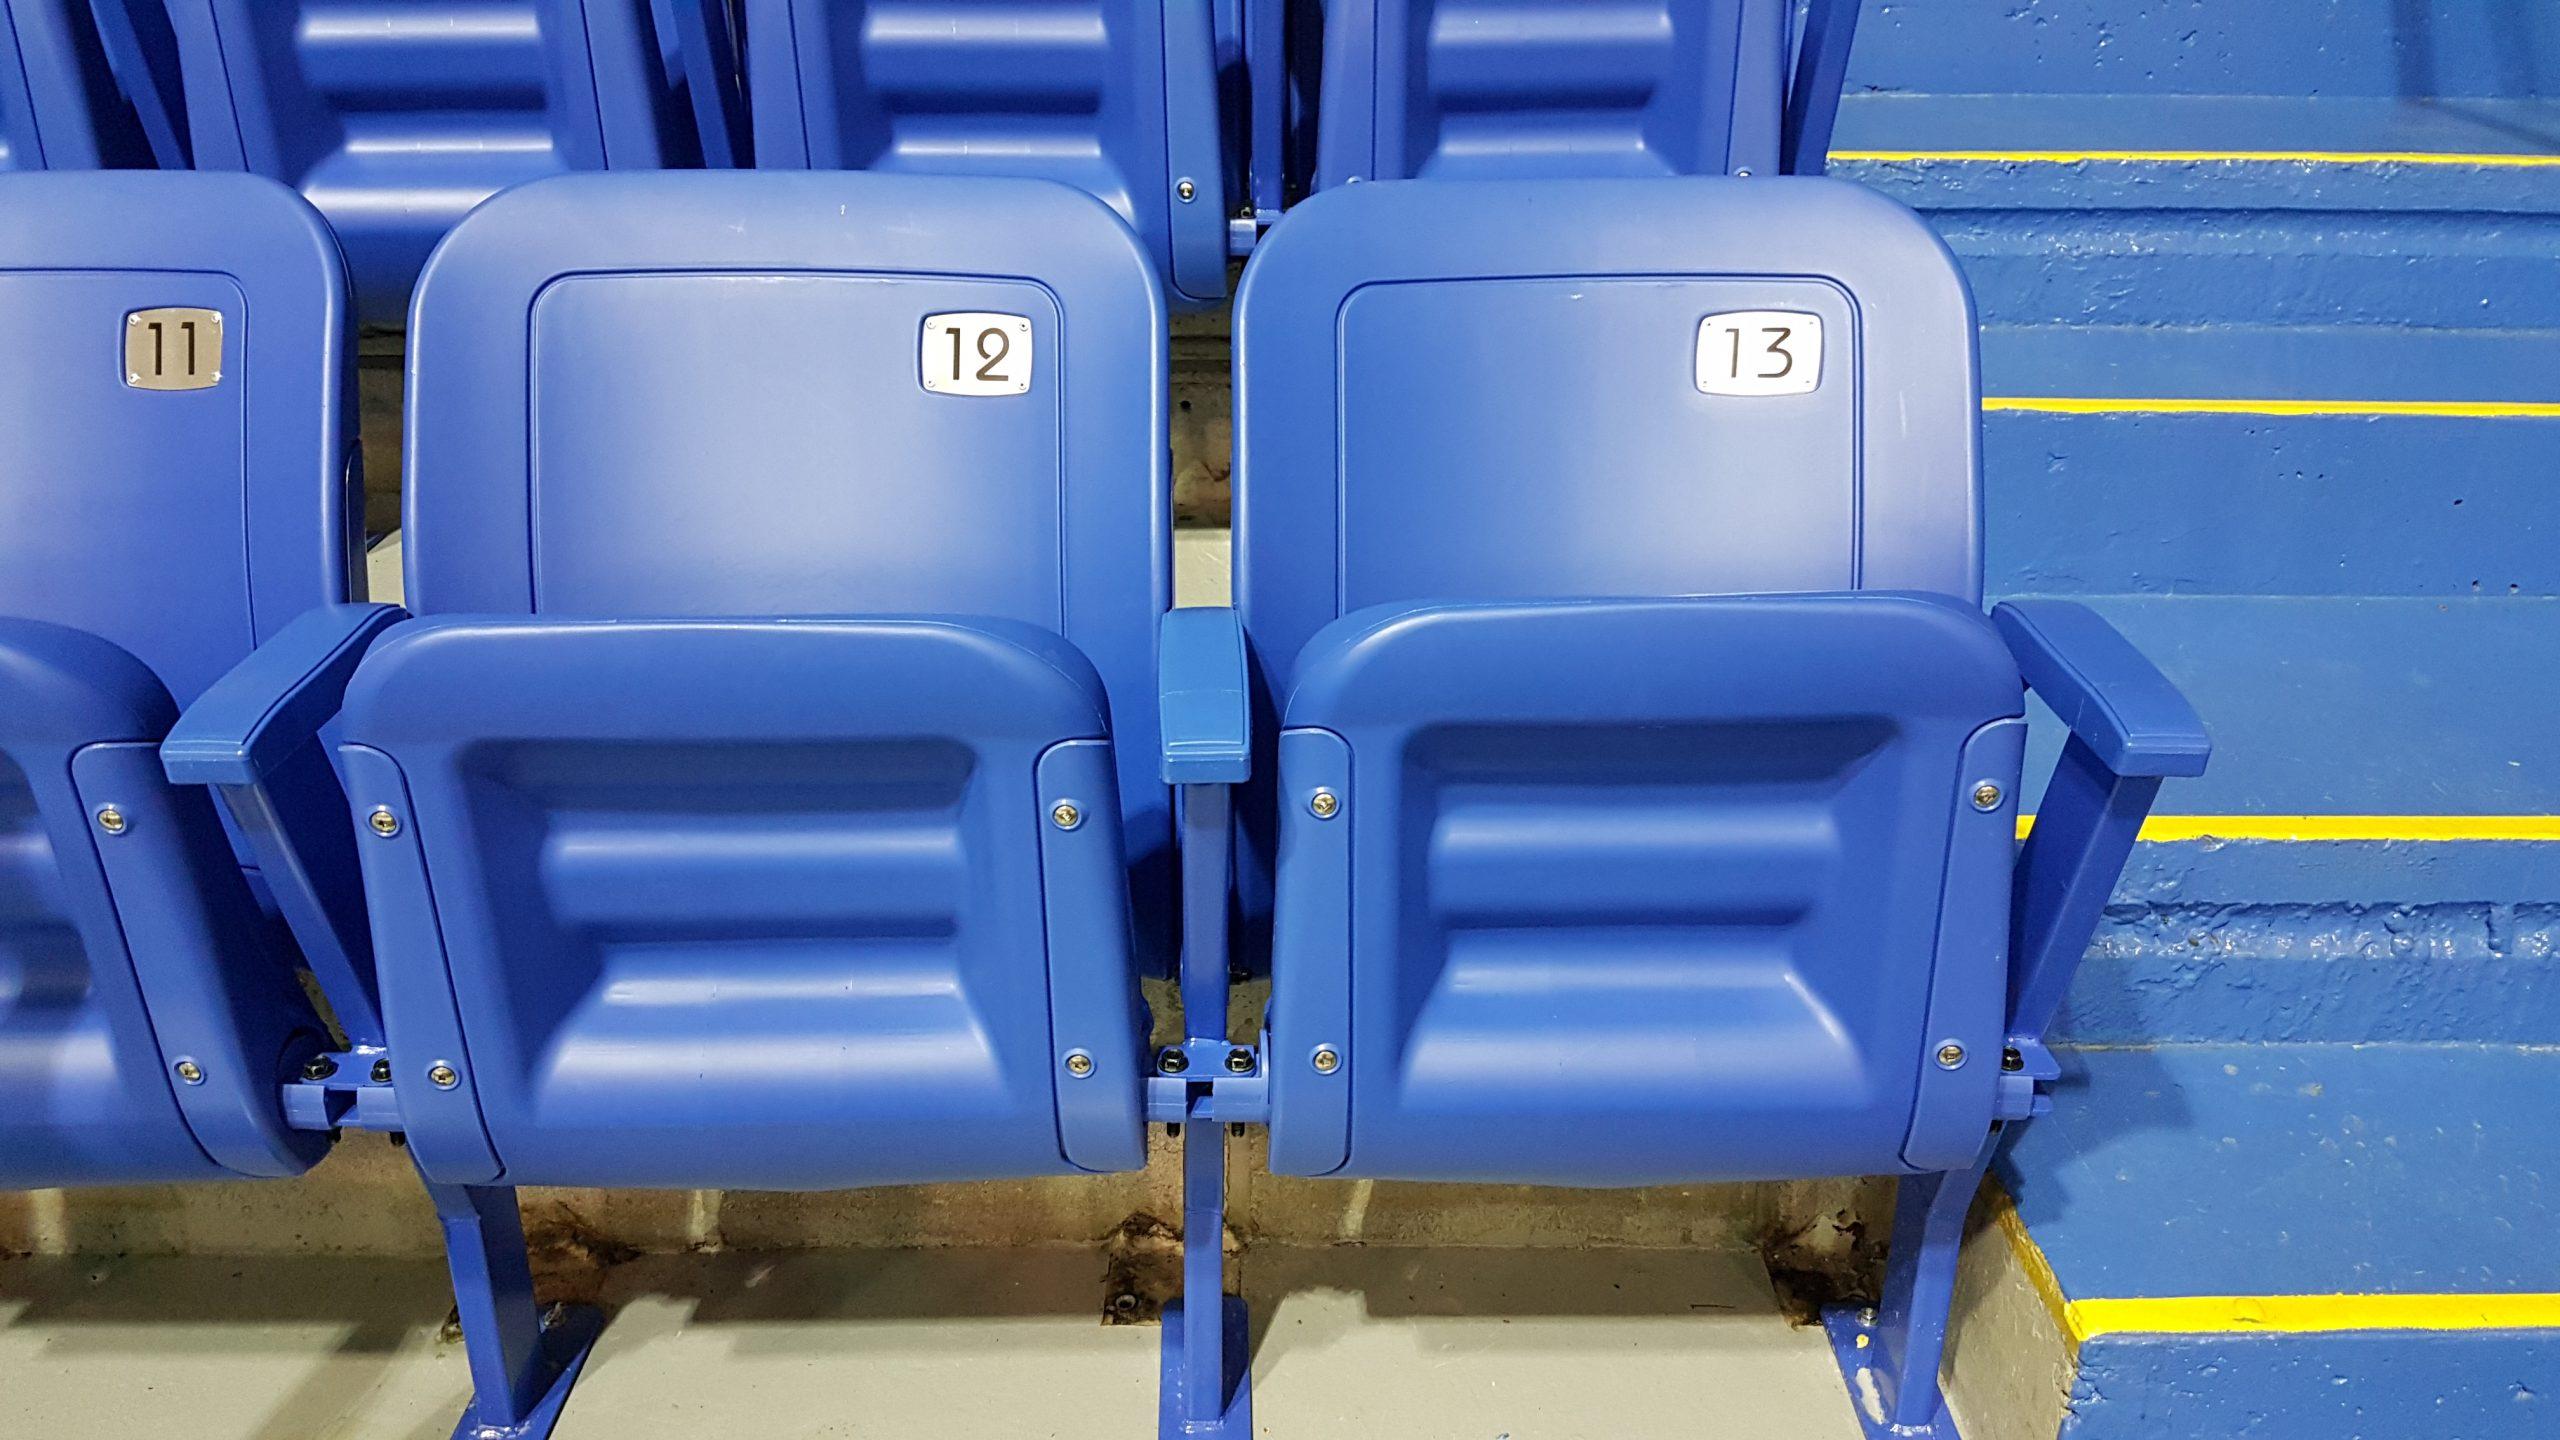 Indoor Arena Seating